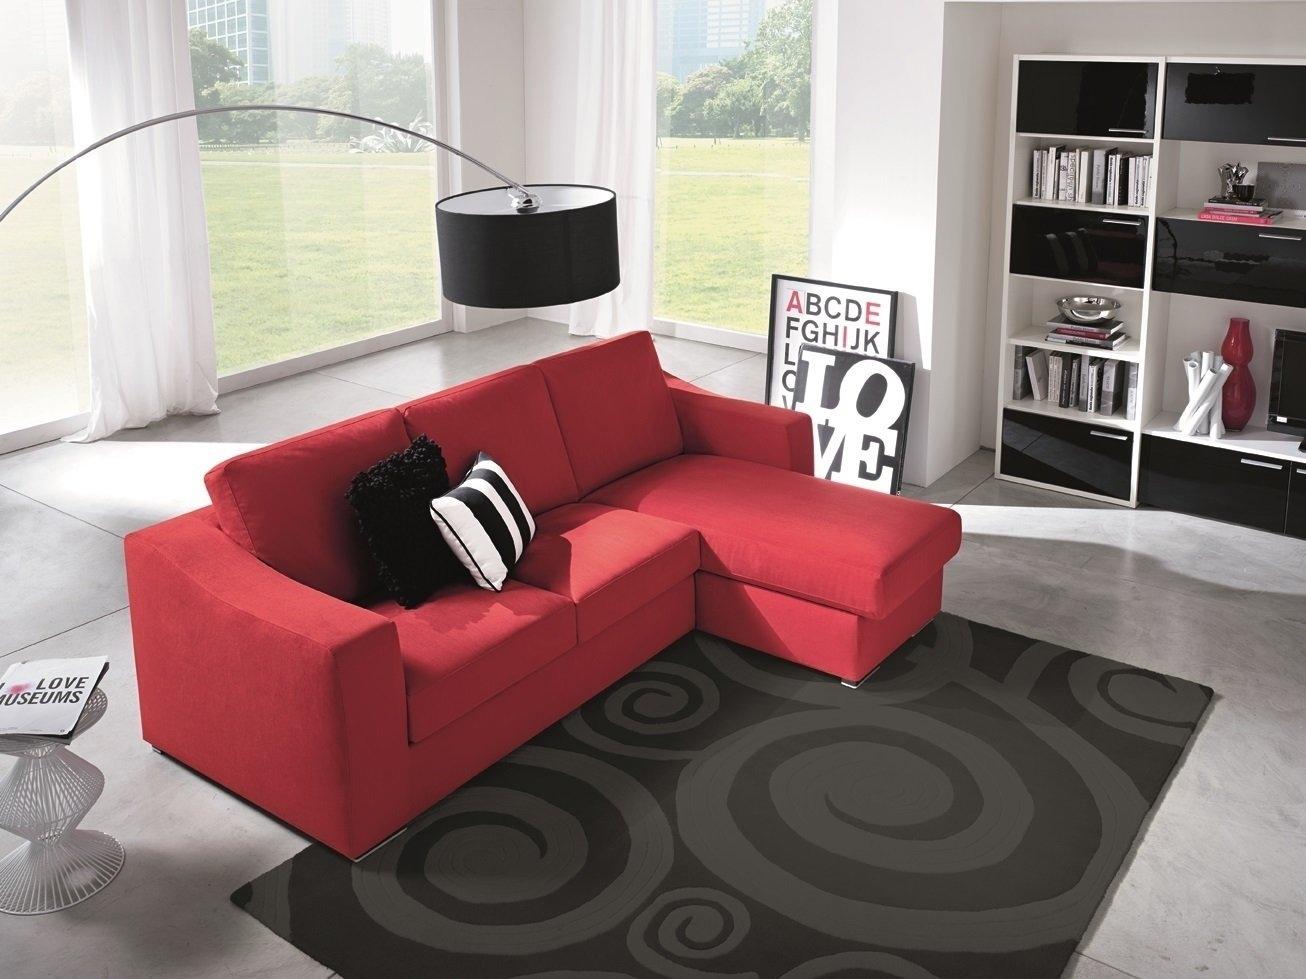 Promozioni divani eco divani a prezzi scontati for Tessuti arredamento outlet torino